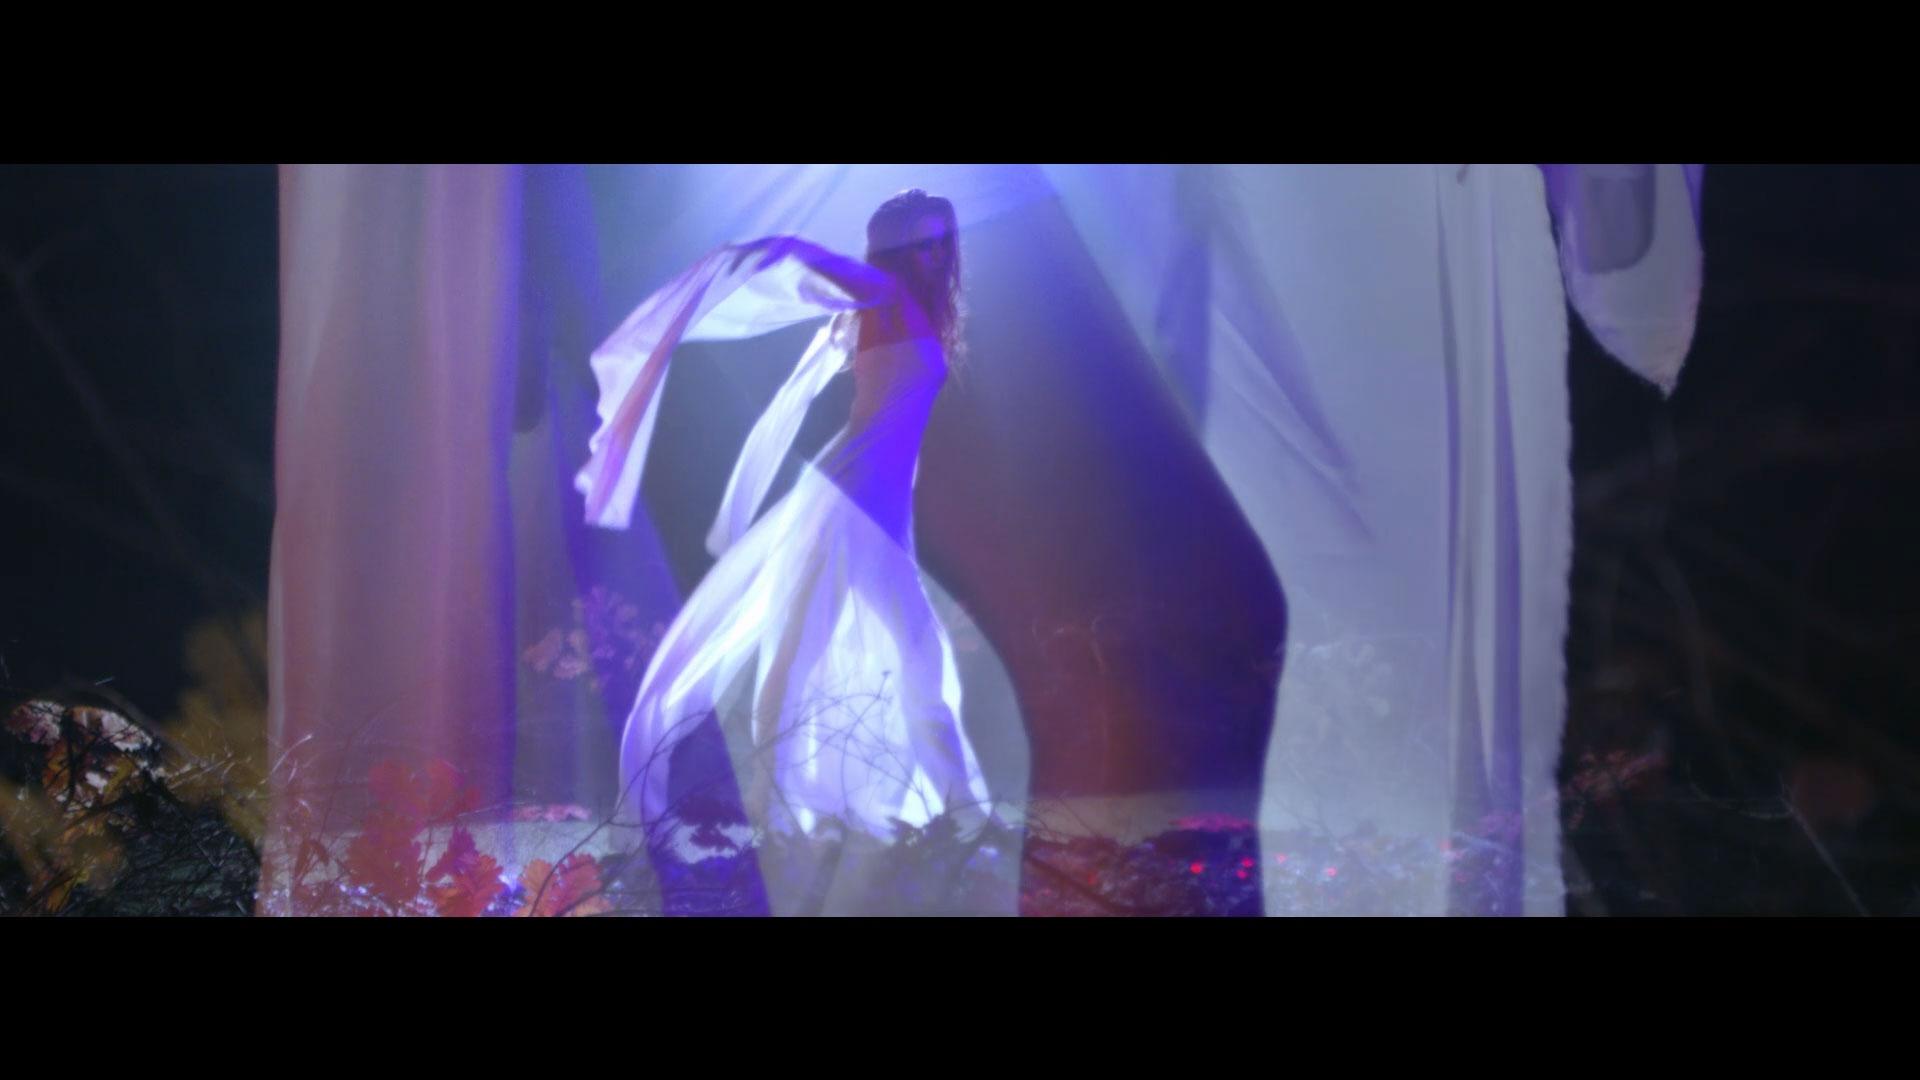 Still-Mystery-music-video-2